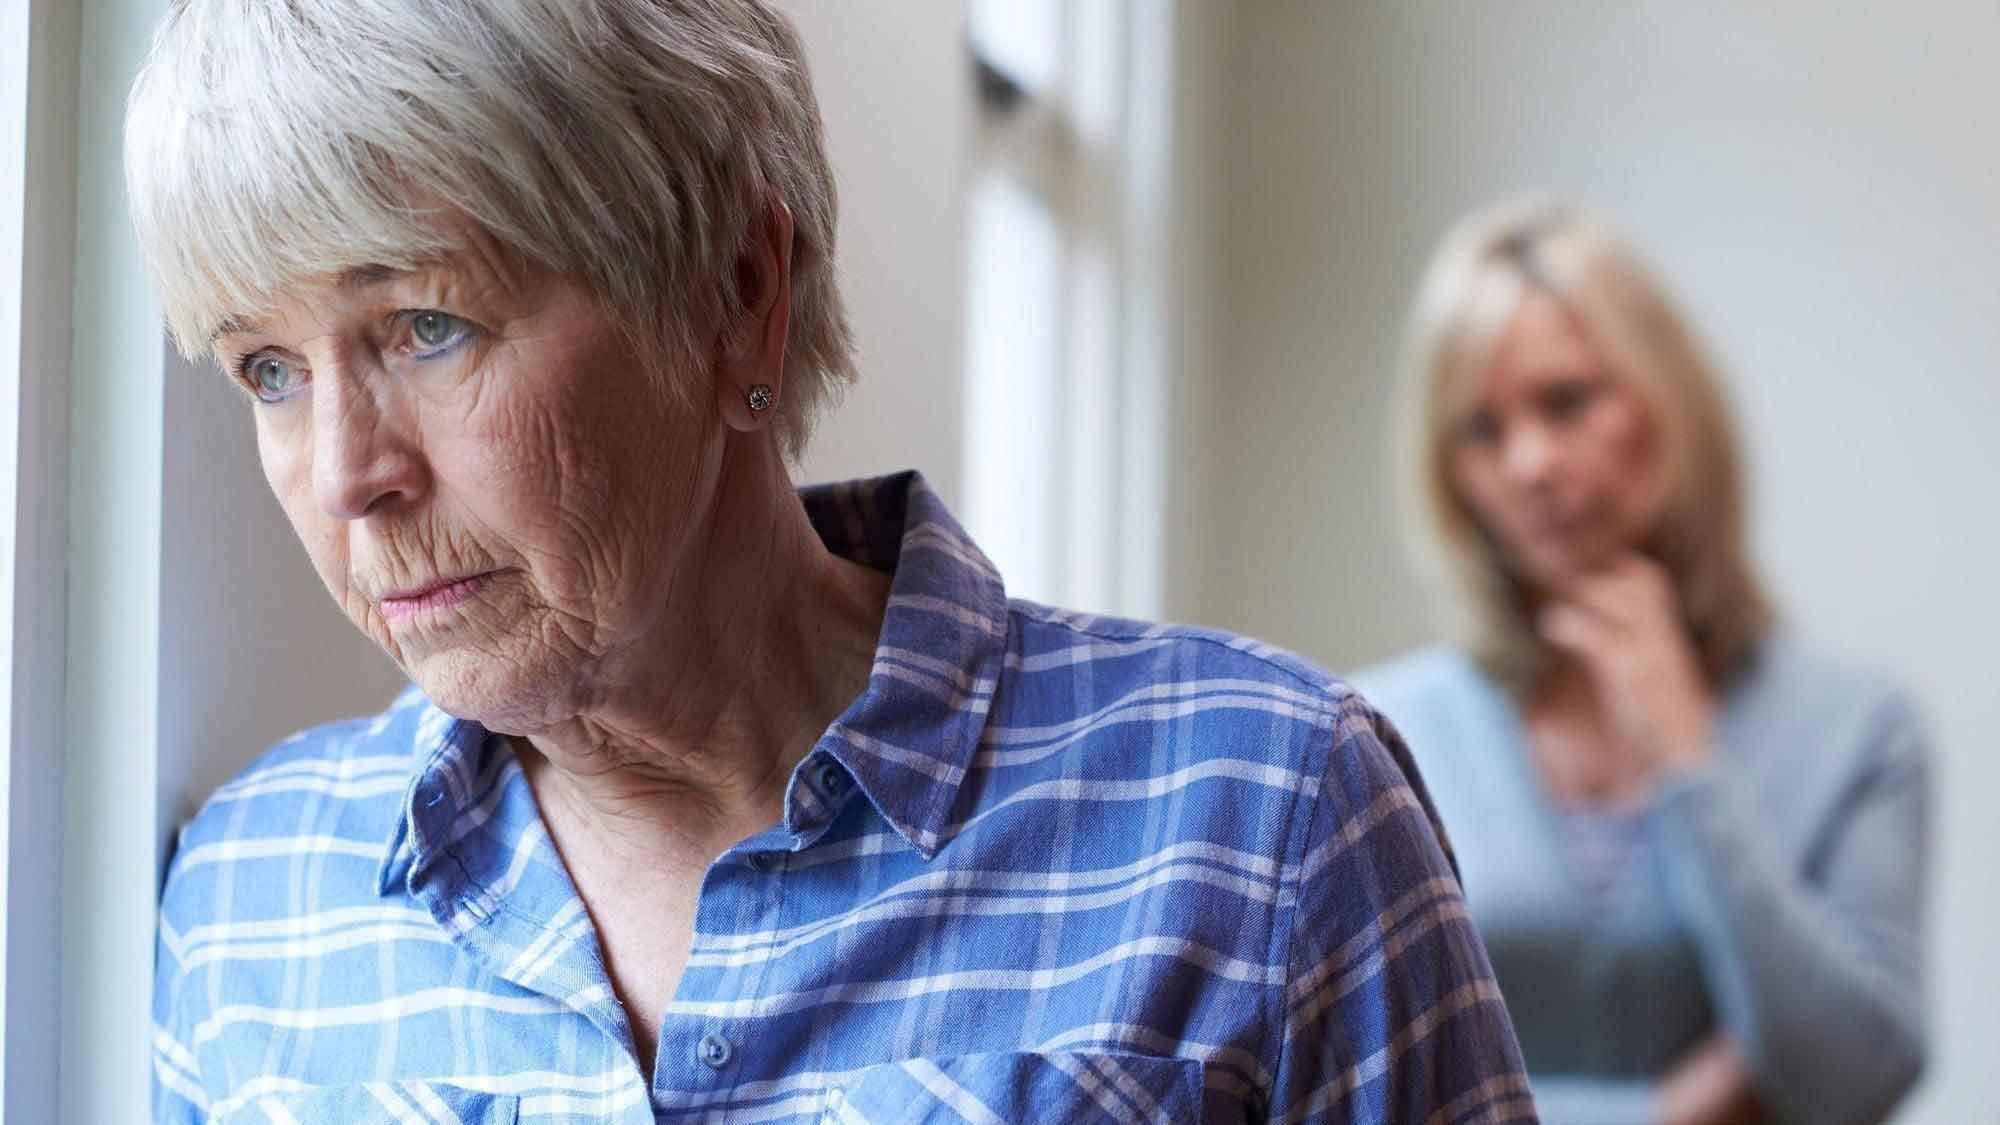 مشکل توهم در سالمندان | مرکز پارسیان مهرپرور